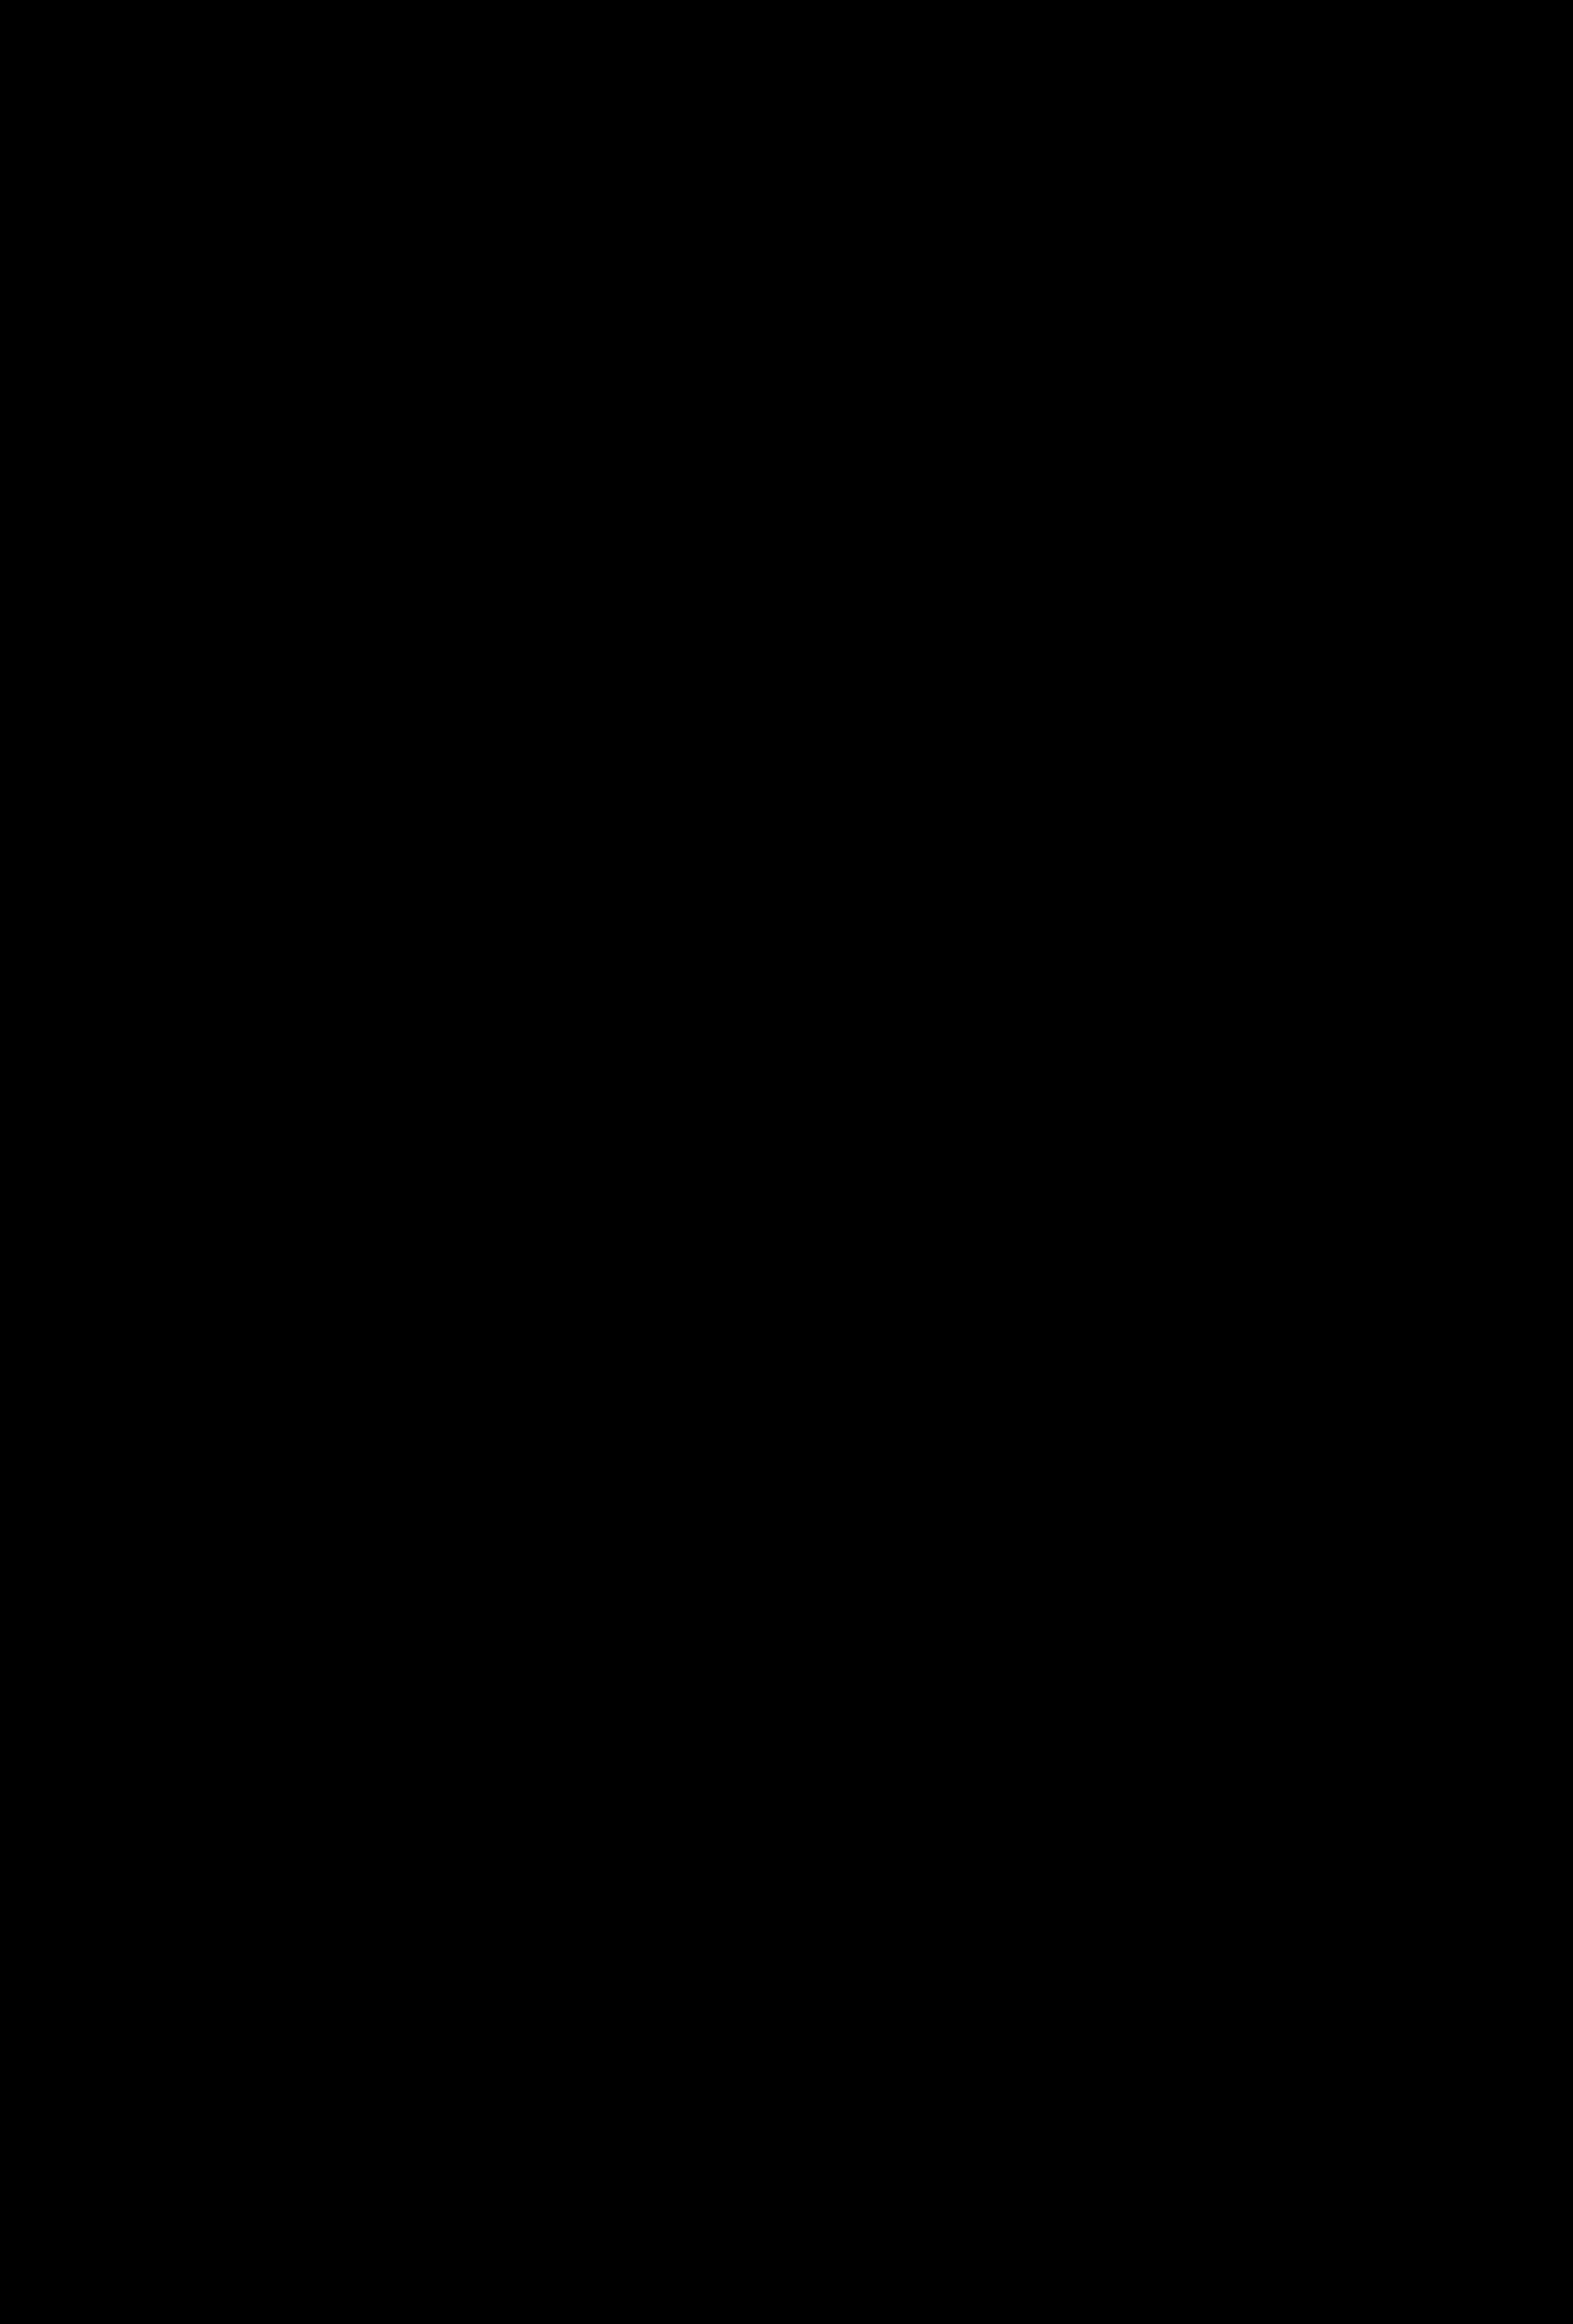 1 Stk Aufputz-Zählerverteiler 3A-24E/BGLD 3ZP, H1195B810T250mm IL160324BS